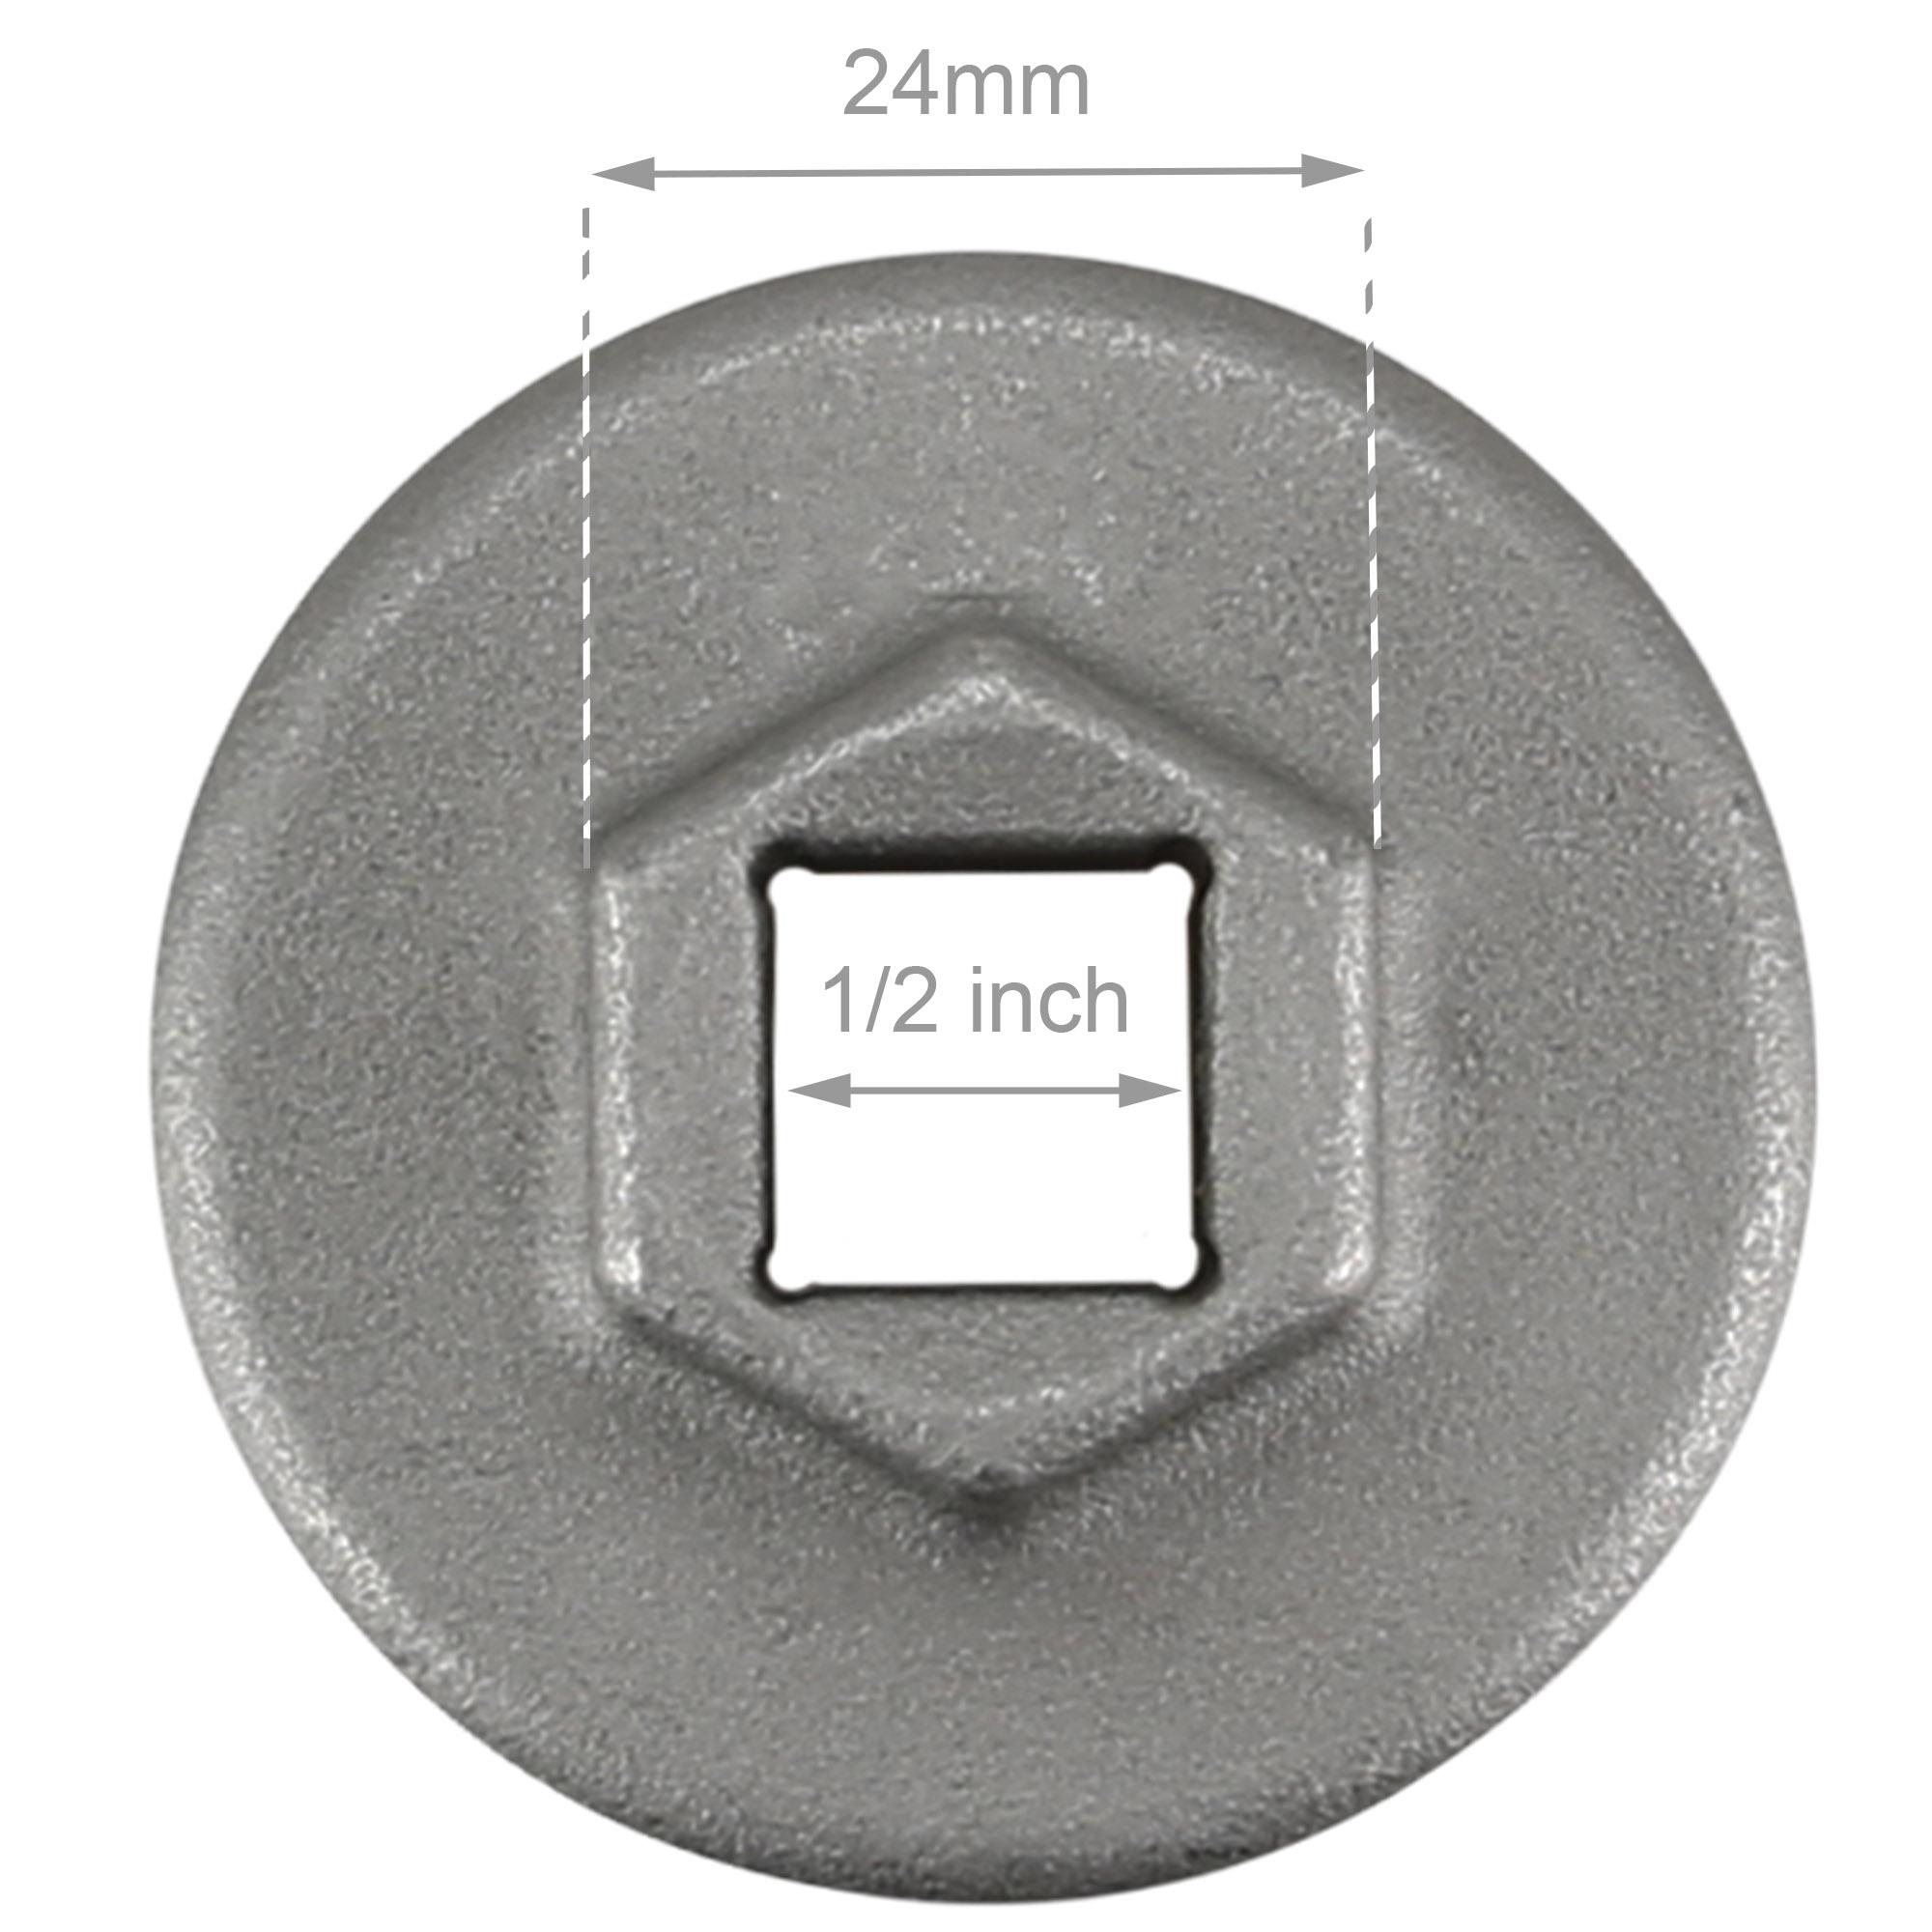 BIKEHAND 46mm Bottom Bracket Remover Tool for SRAM DUB